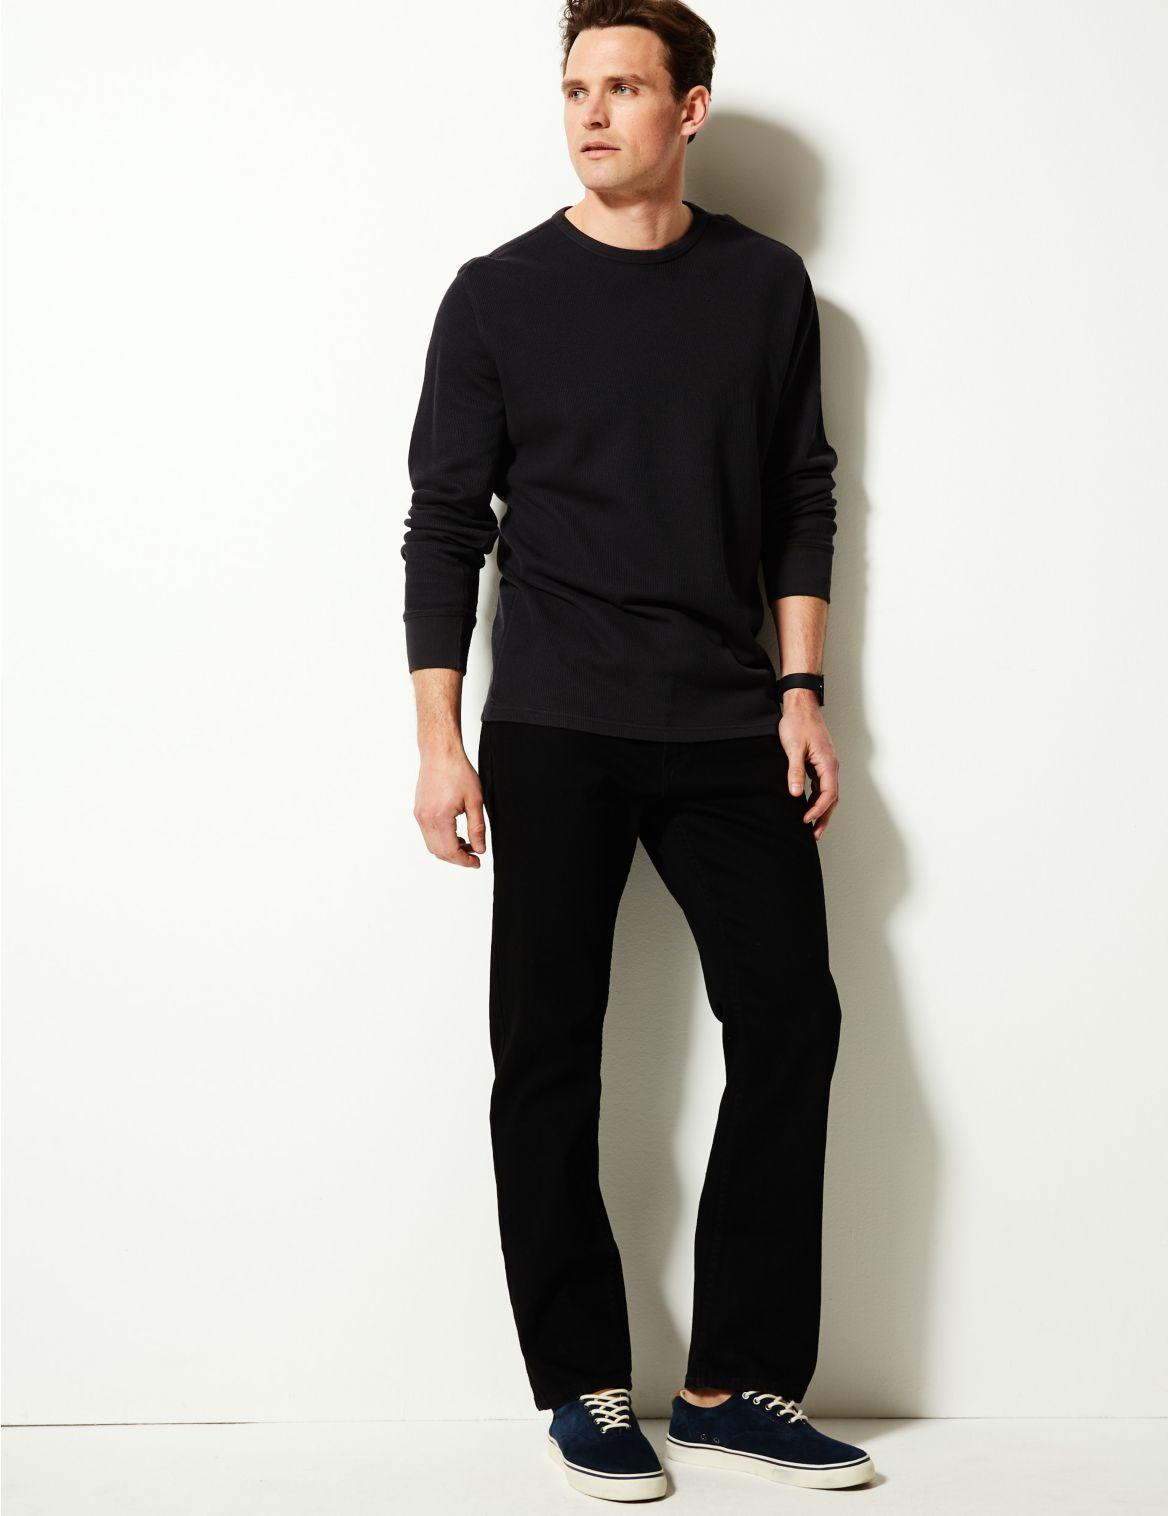 Jean extensible coupe droite, doté de la technologie Stormwear